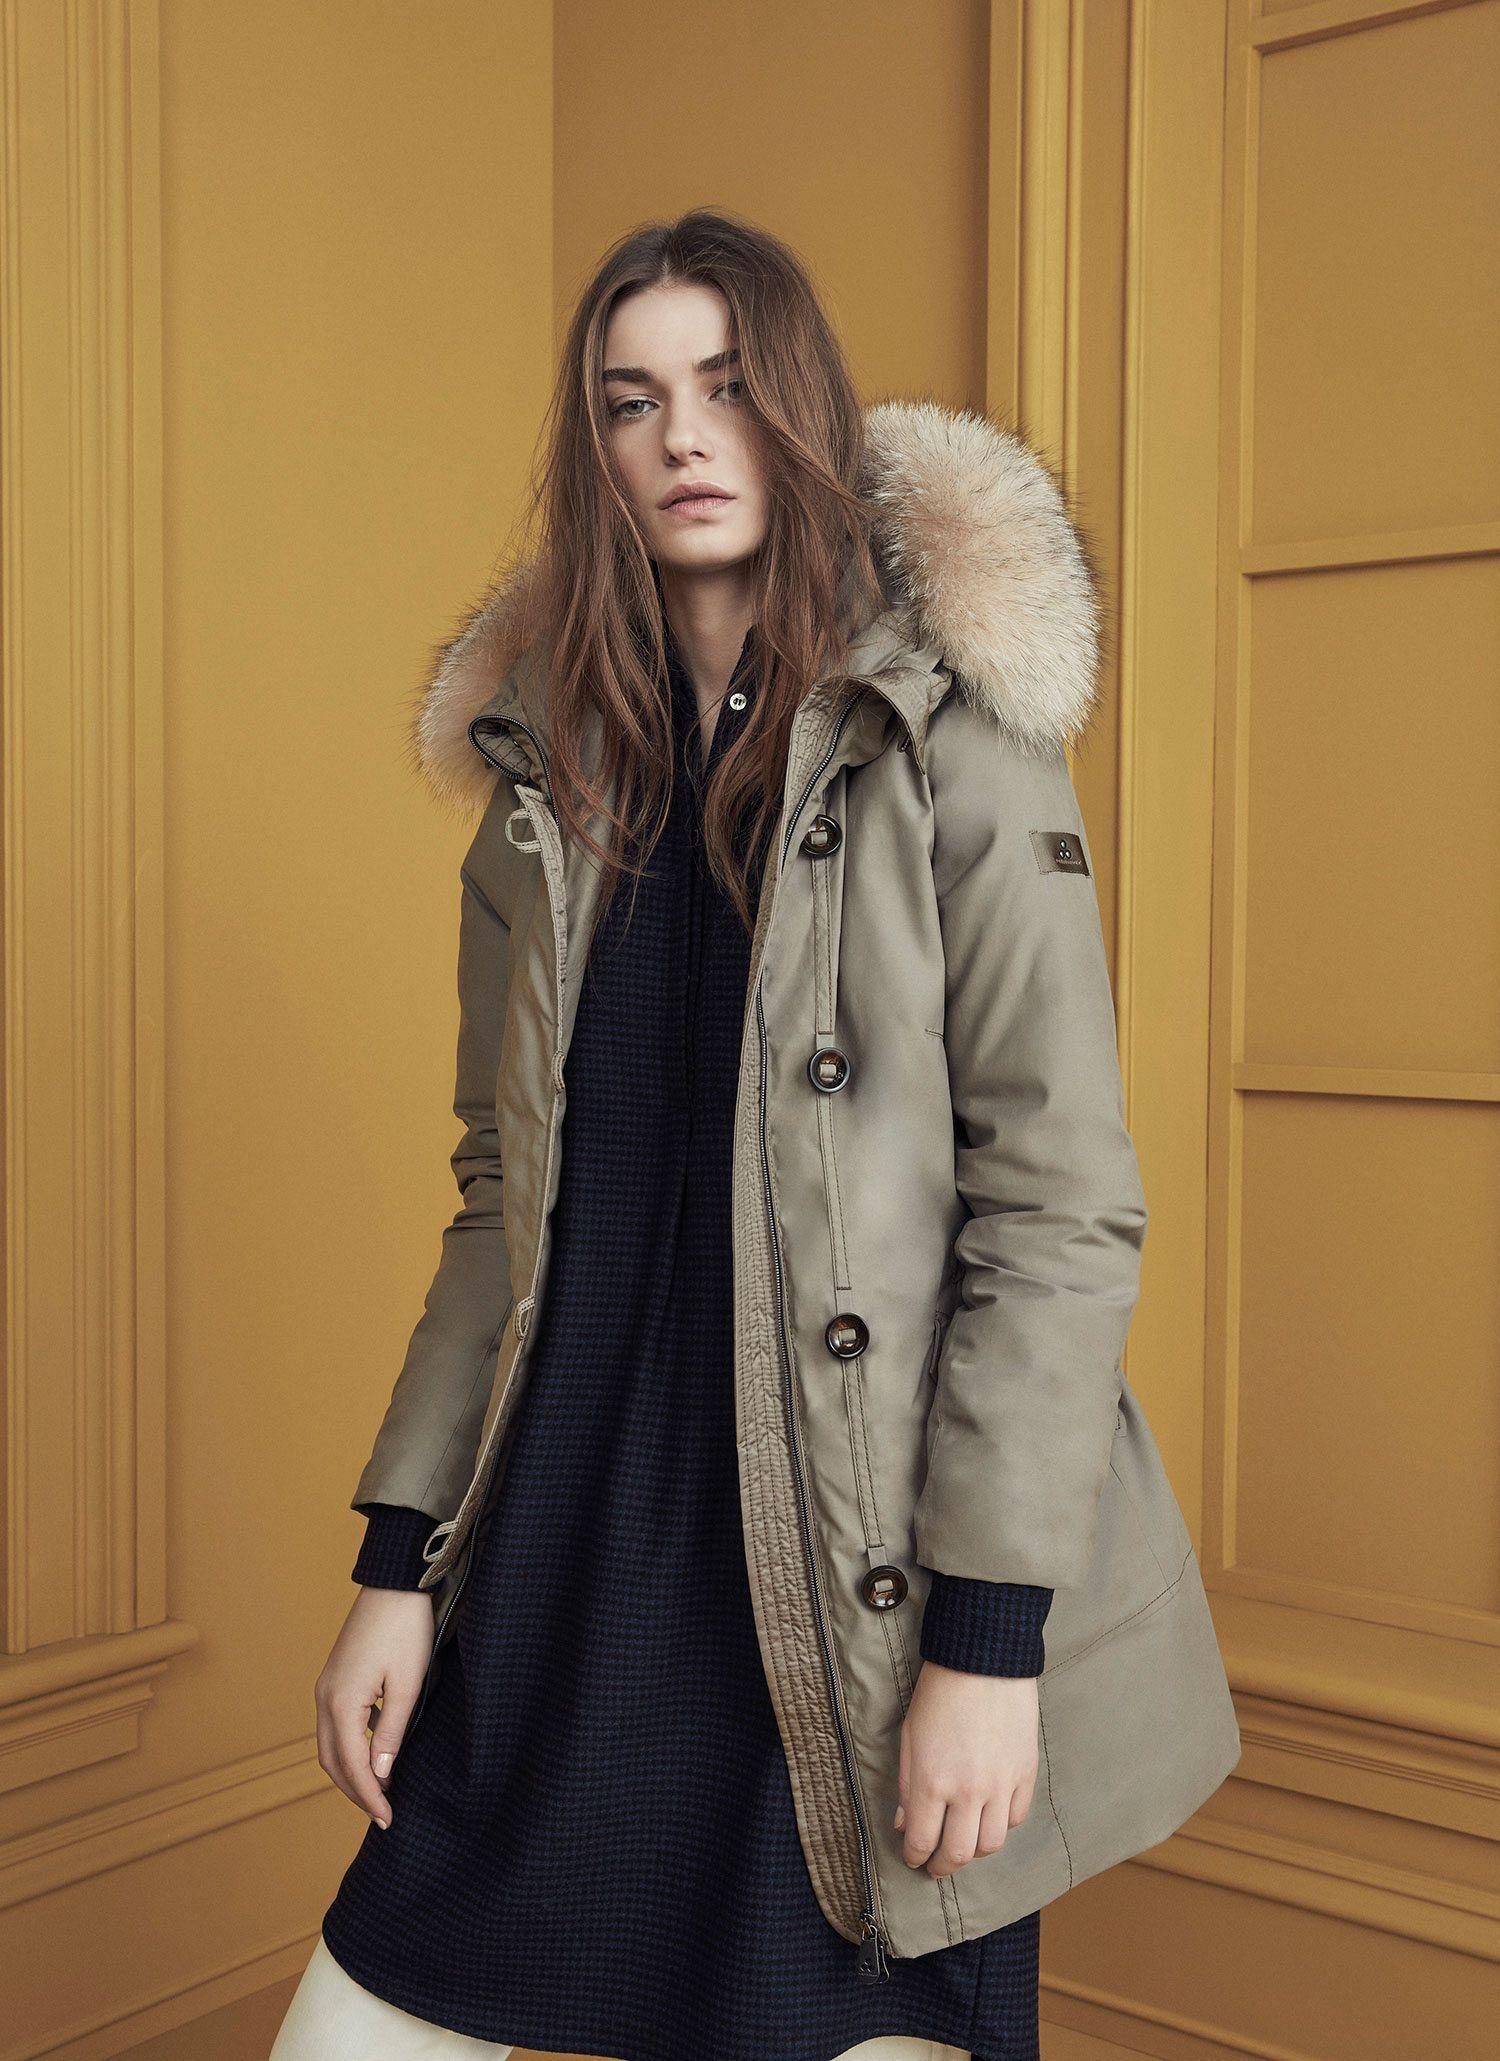 half off 9c2b4 4d0a2 Lookbook FW1617 - Woman | Peuterey | Fall Into Winter ...